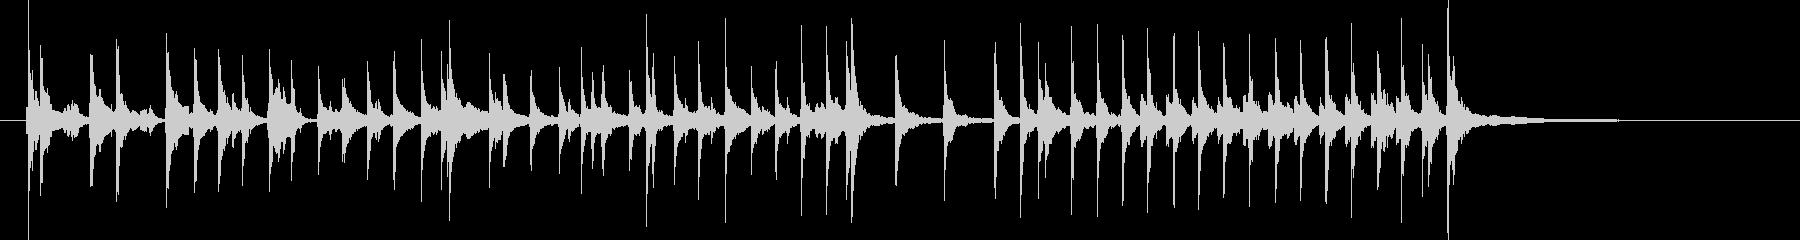 三味線で和風BGM1の未再生の波形